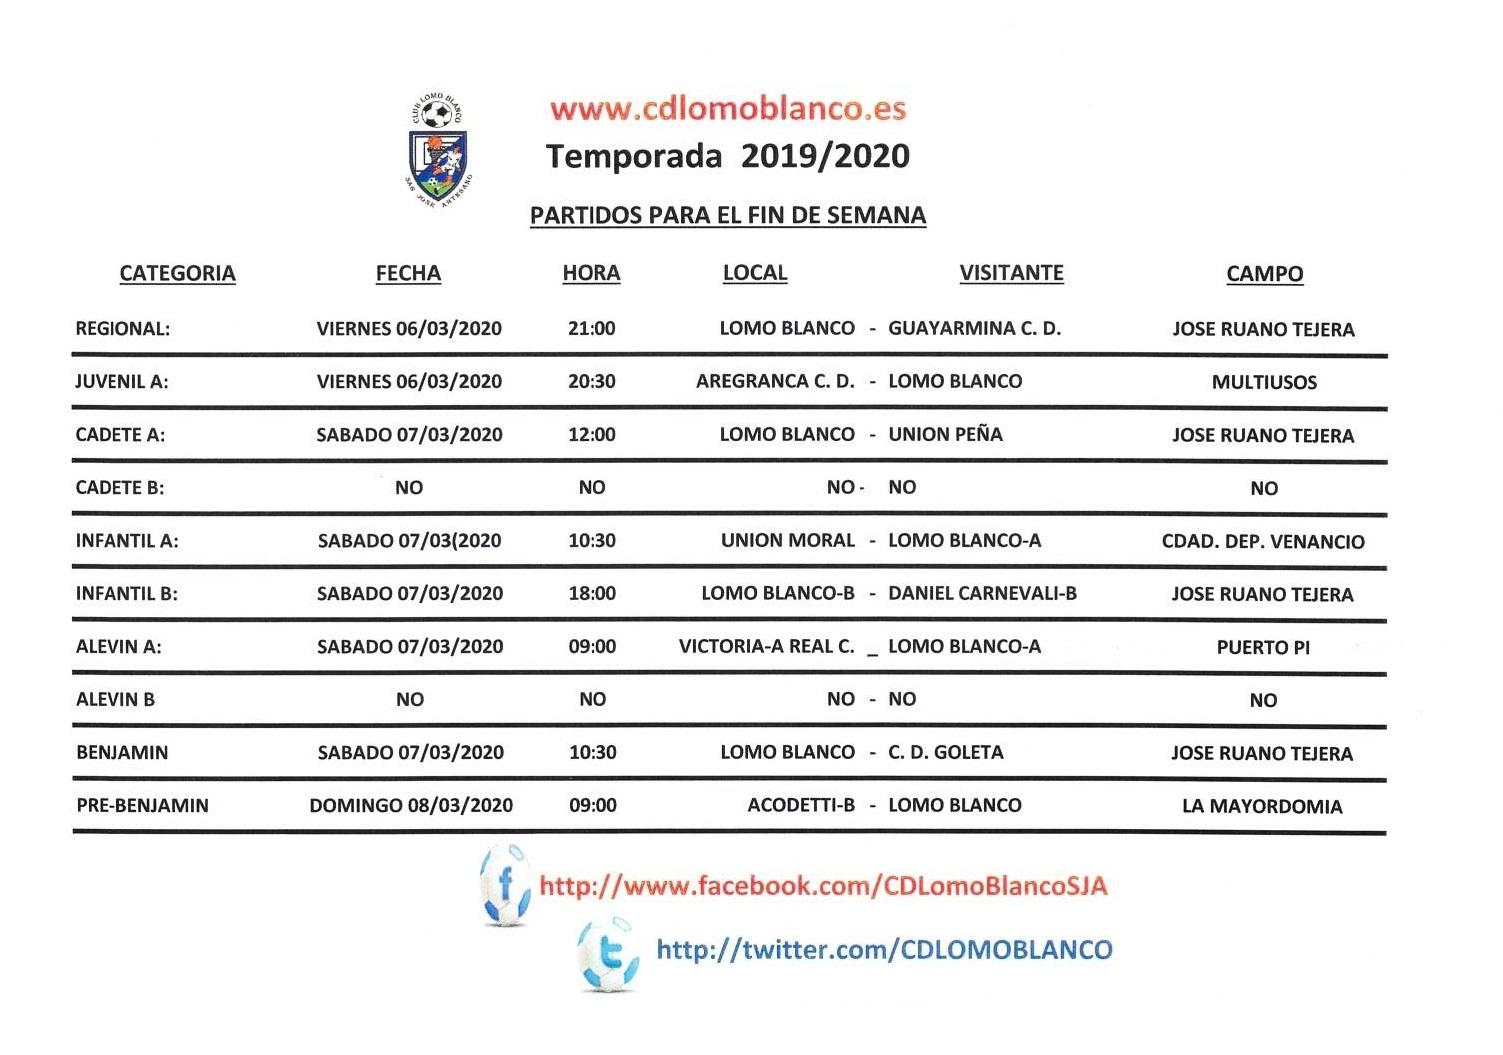 PARTIDOS DEL FIN DE SEMANA 06-08 DE MARZO